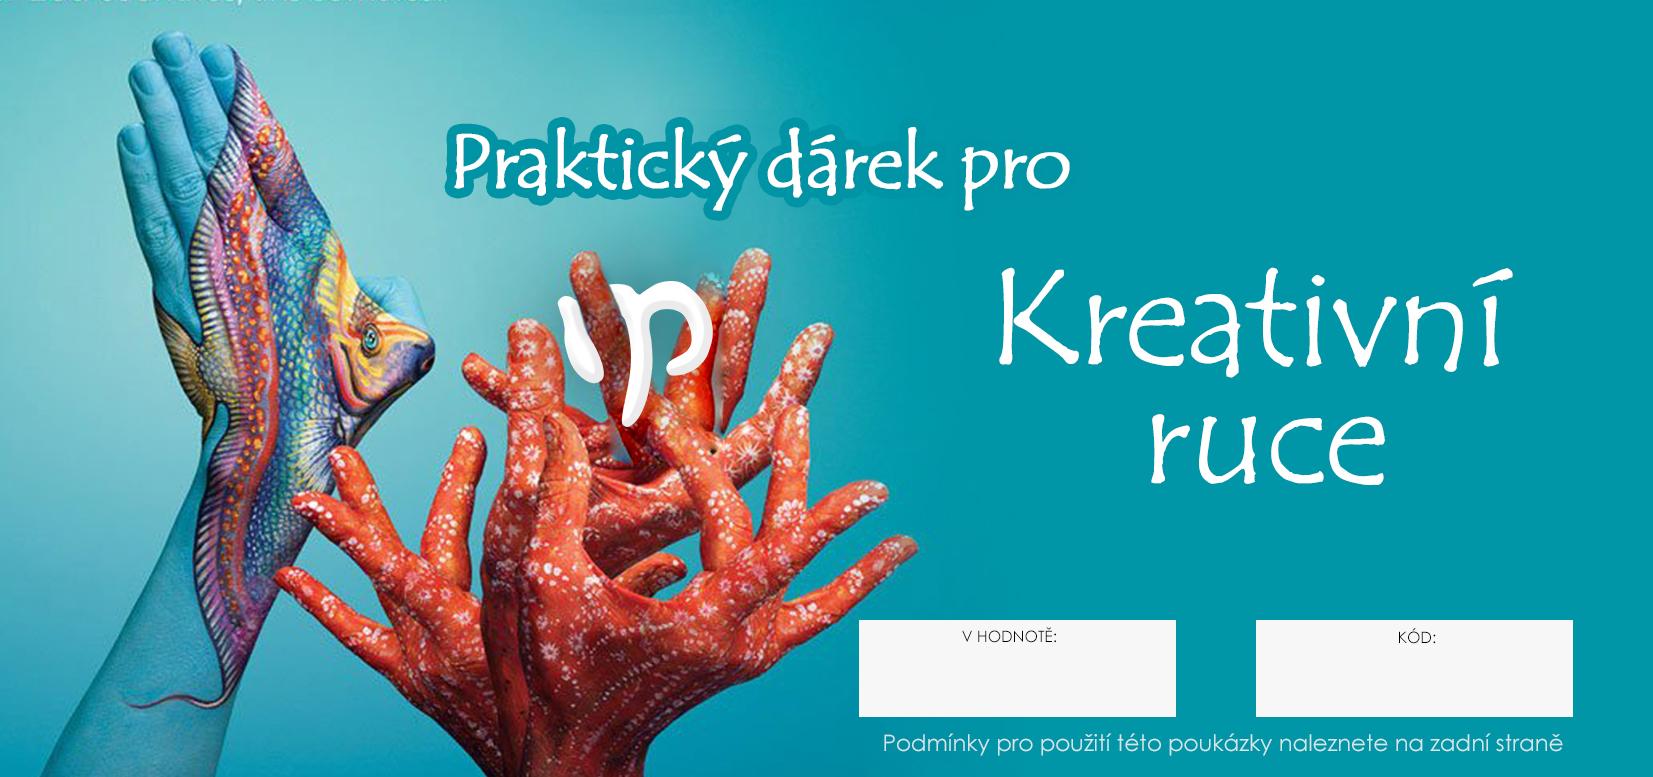 Image of Dárkový POUKAZ - Praktický dárek pro kreativní ruce